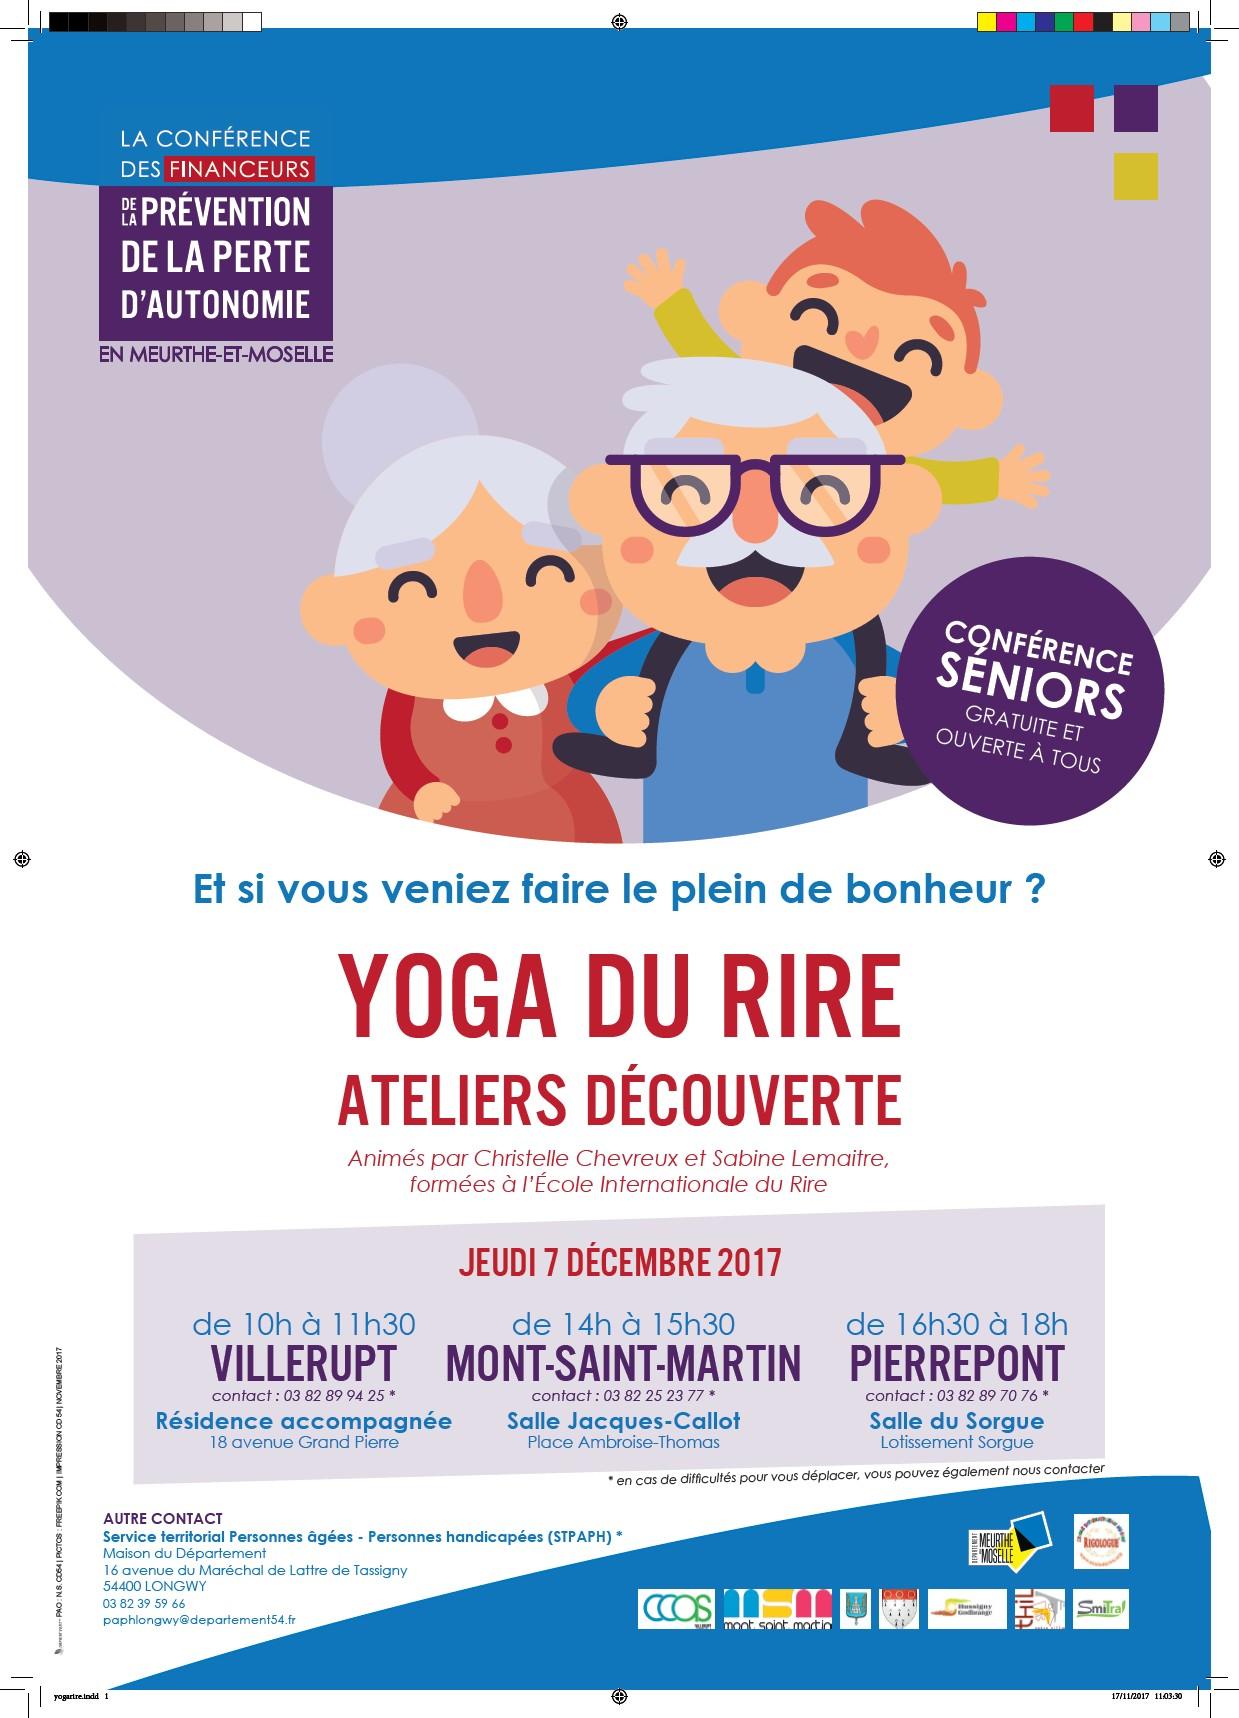 Conférence Séniors : Yoga du rire